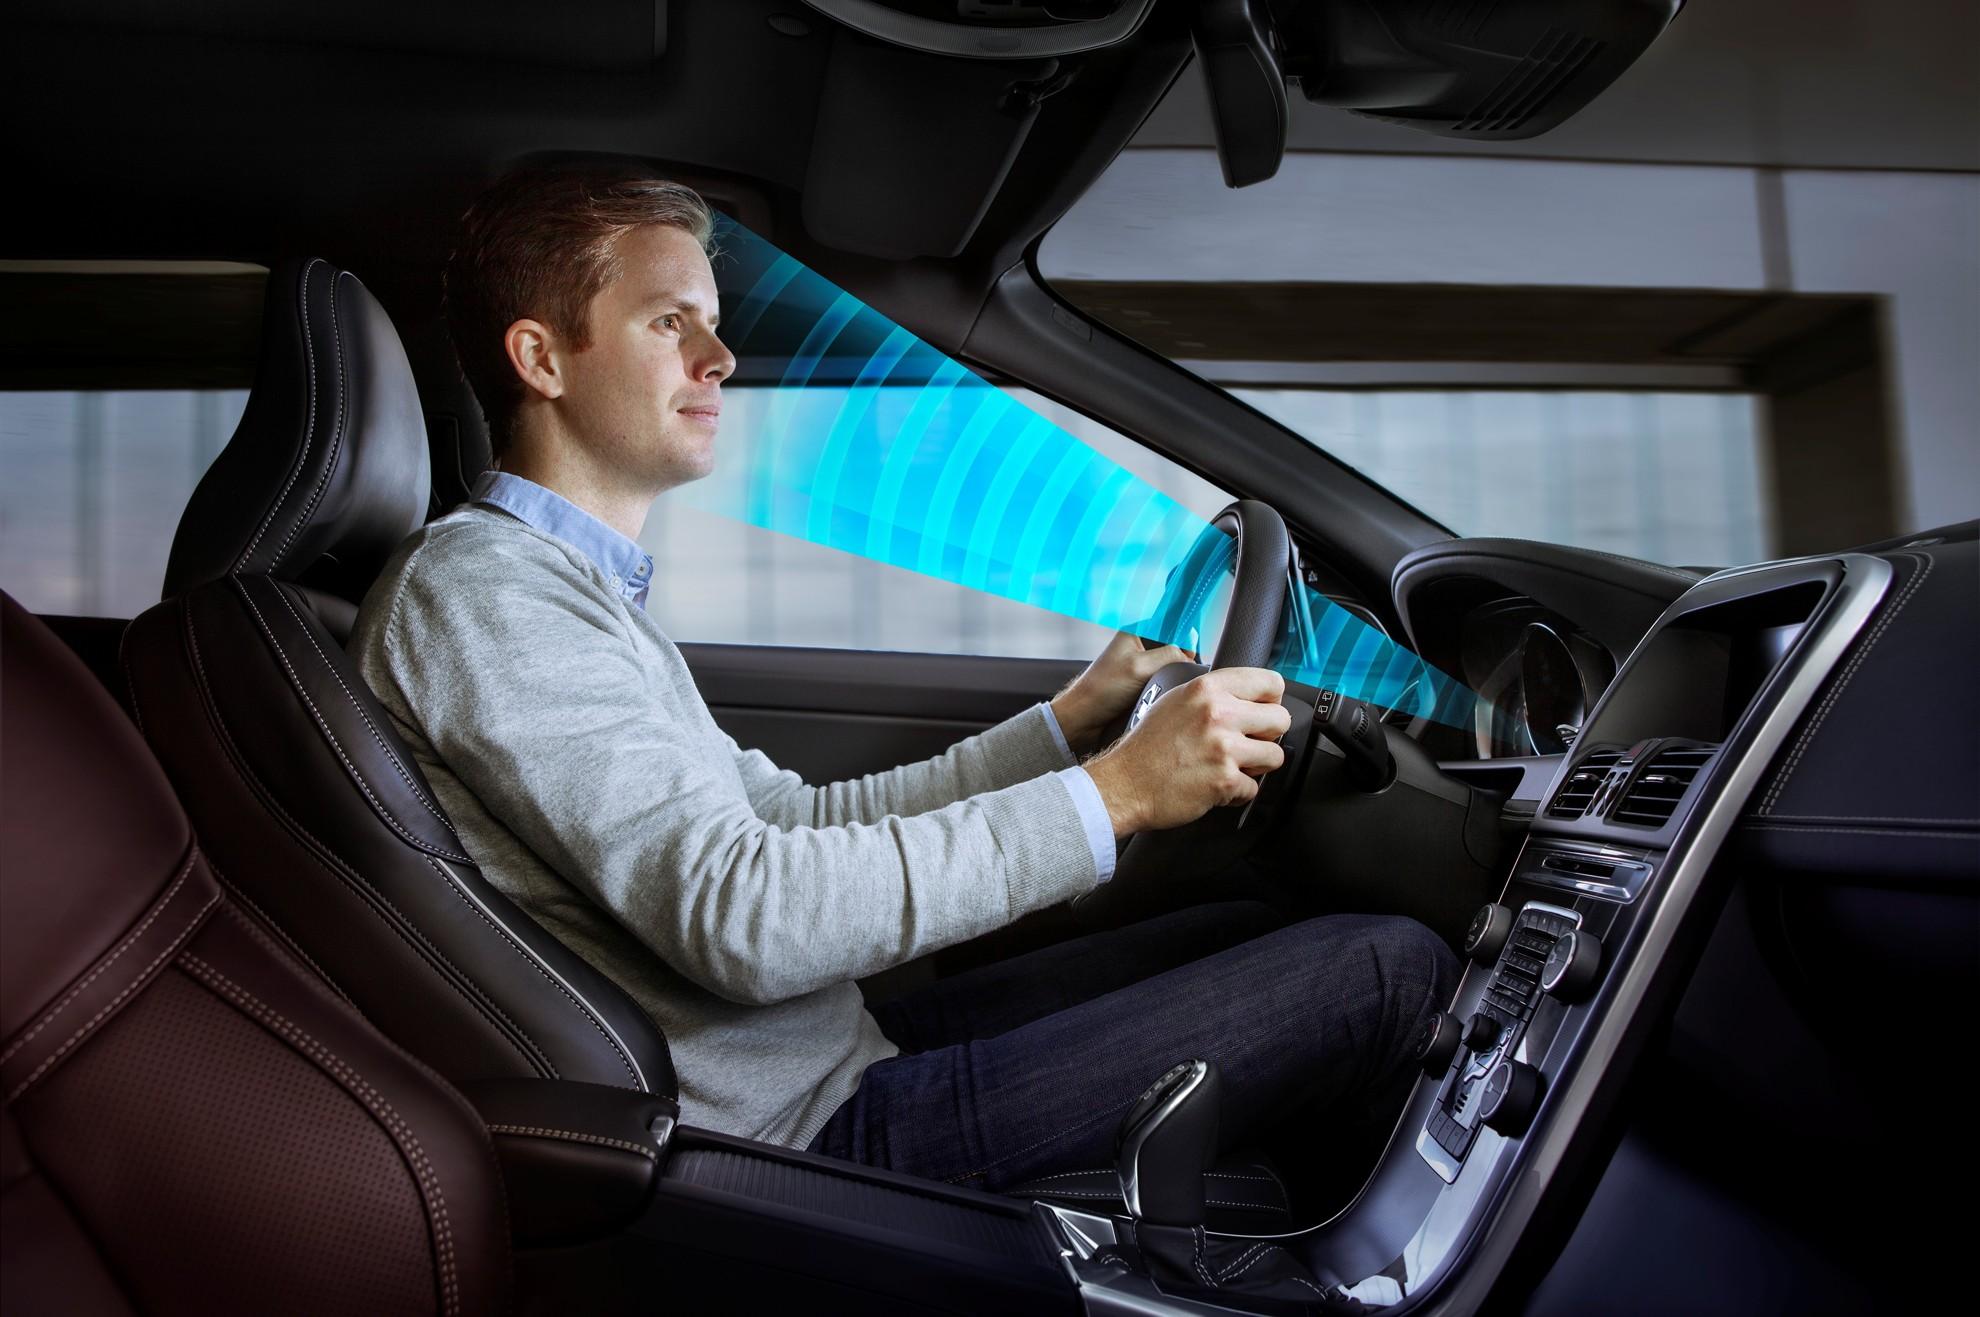 В Российской Федерации появится управляемый силой мысли автомобиль за млн руб.